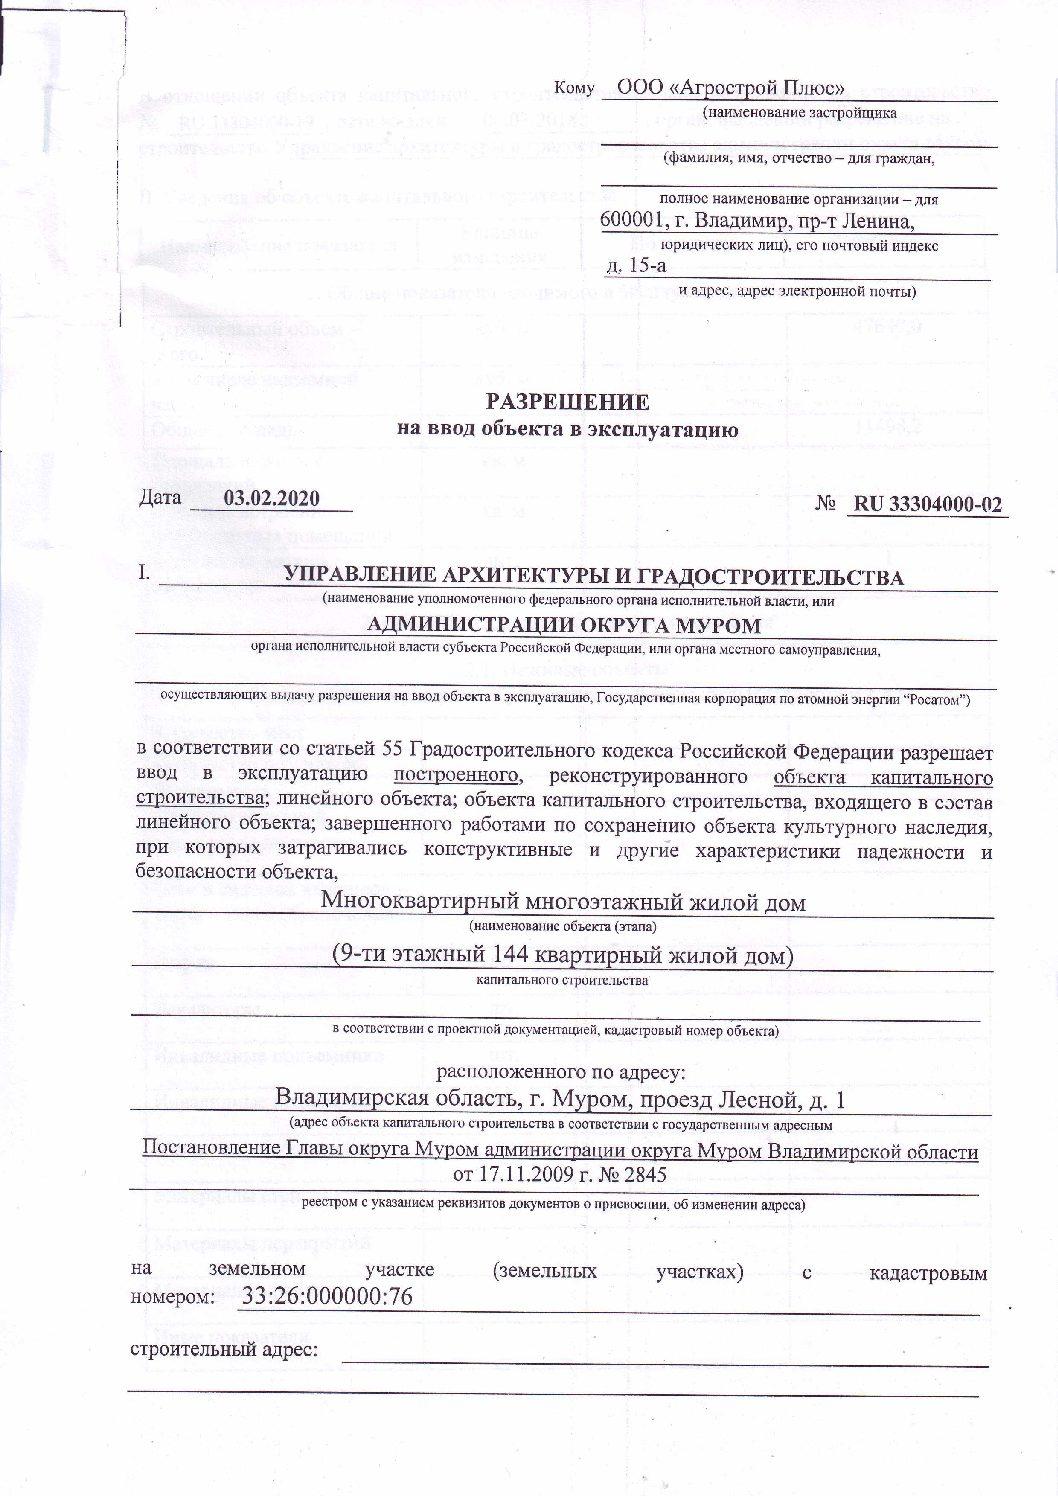 РАЗРЕШЕНИЕ-НА-ВВОД-ОТ-03.02.2020Г.-pdf